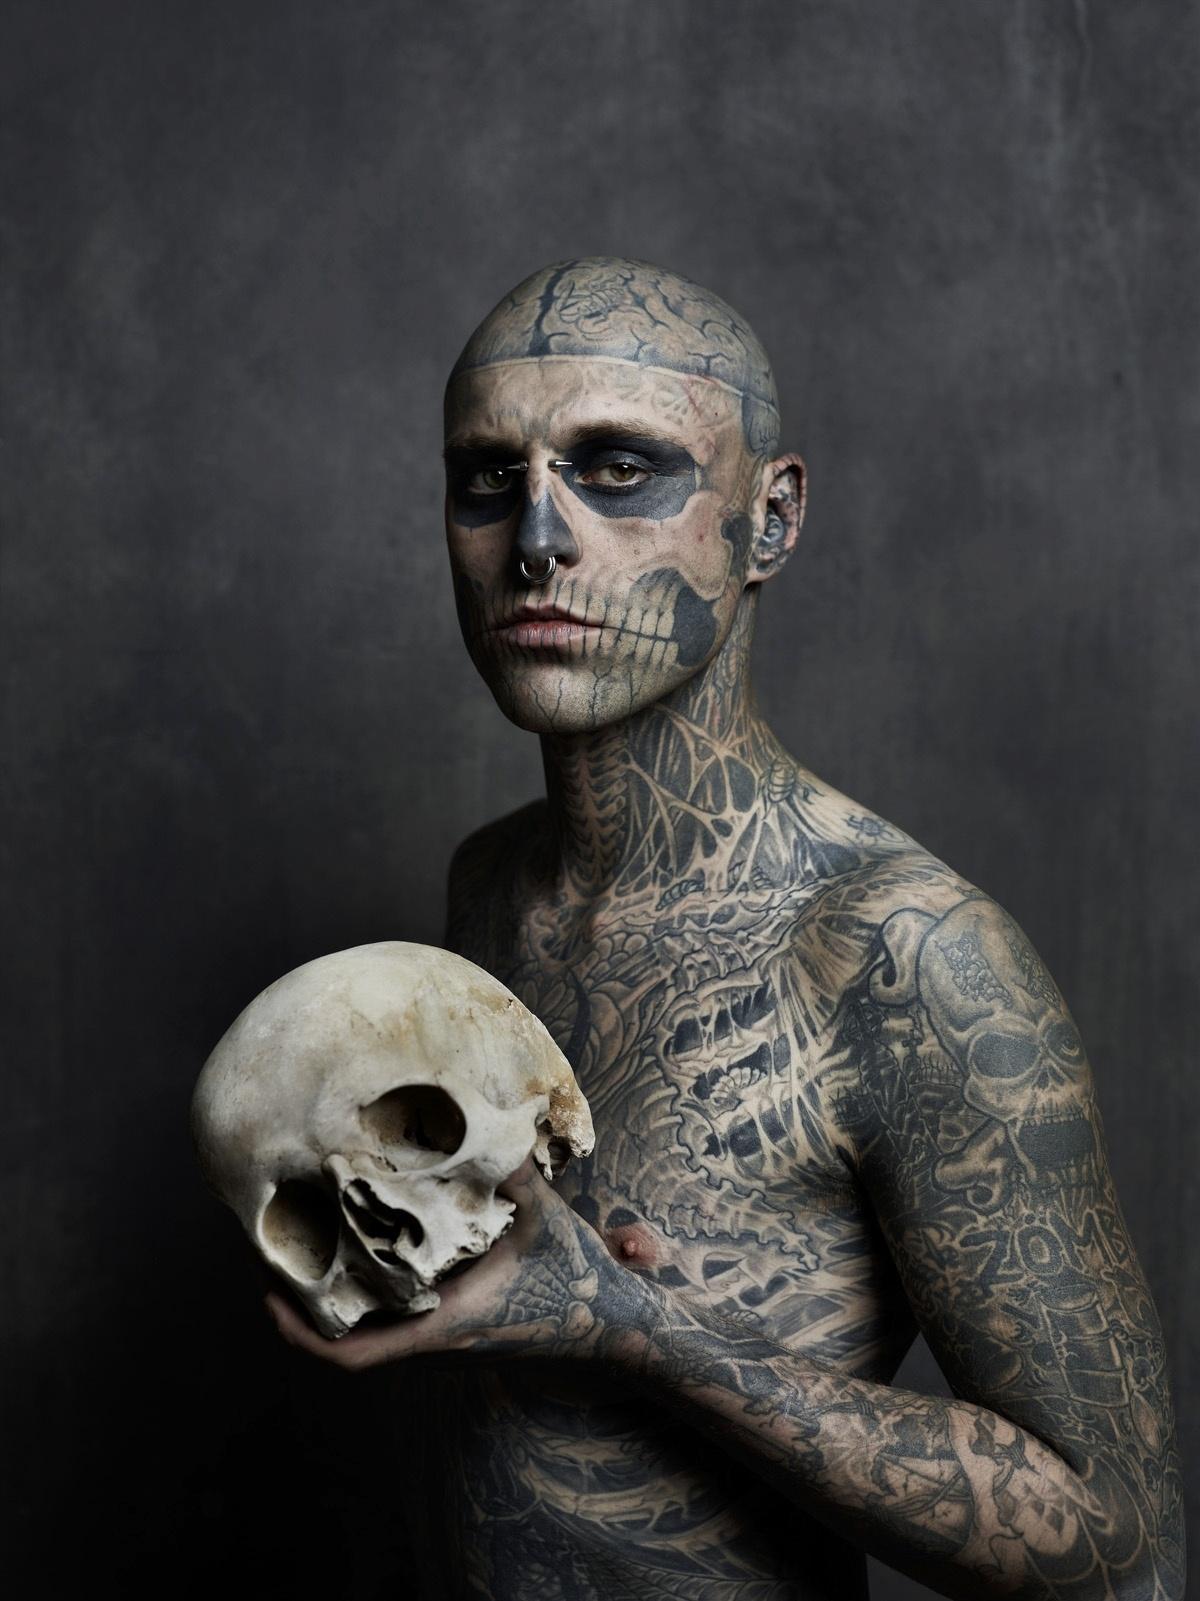 Cantor Todo Tatuado Brasileiro zombie boy, modelo tatuado de clipe de lady gaga, morre aos